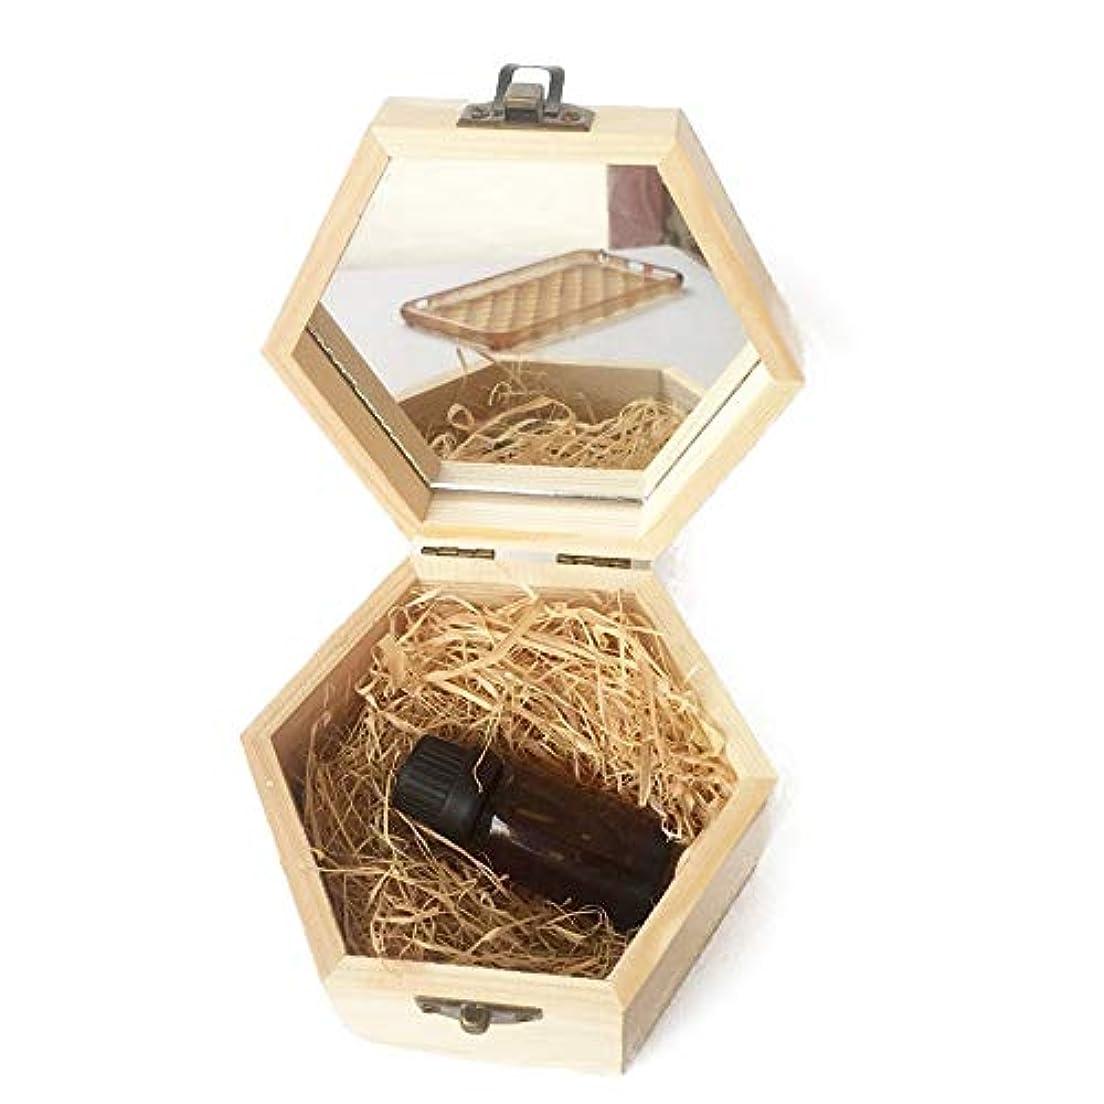 肌救いどのくらいの頻度でエッセンシャルオイルストレージボックス アロマセラピーのためにエッセンシャルオイル木箱の品質の収納ケース 旅行およびプレゼンテーション用 (色 : Natural, サイズ : 13X11.3X6.8CM)